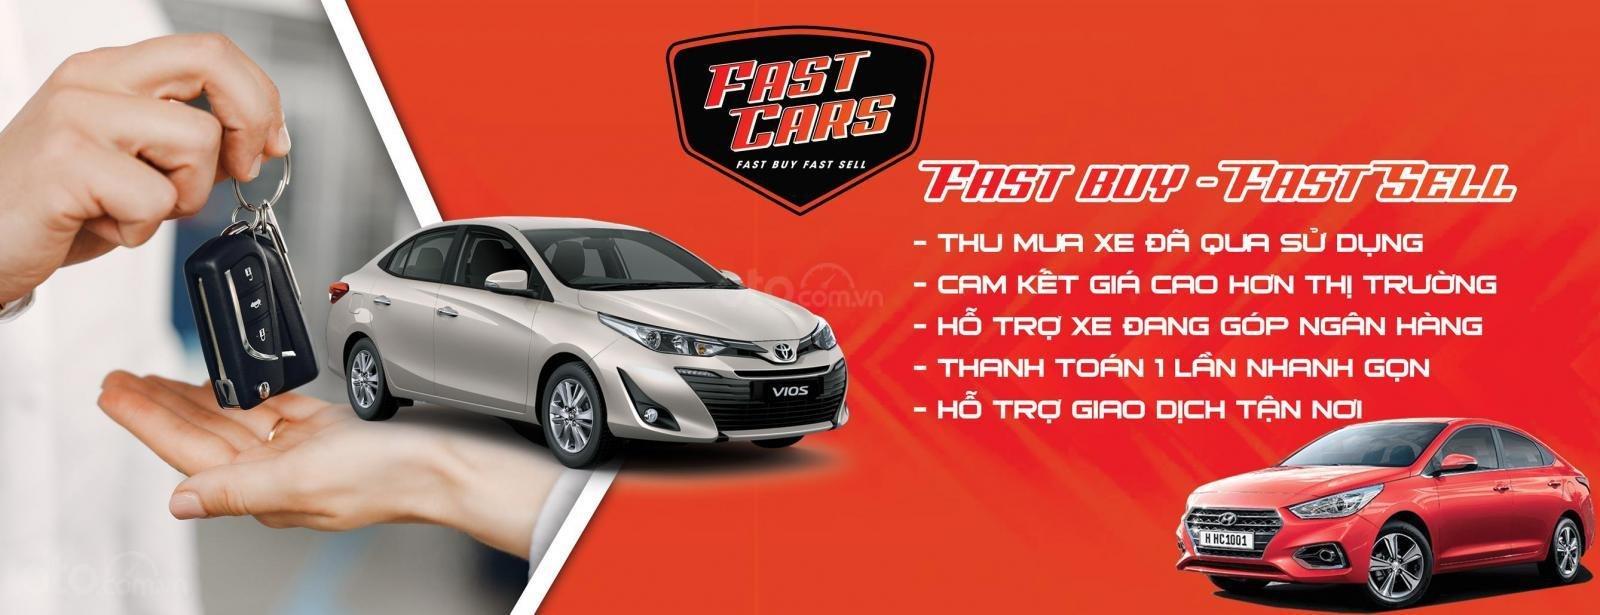 Fast Car (3)